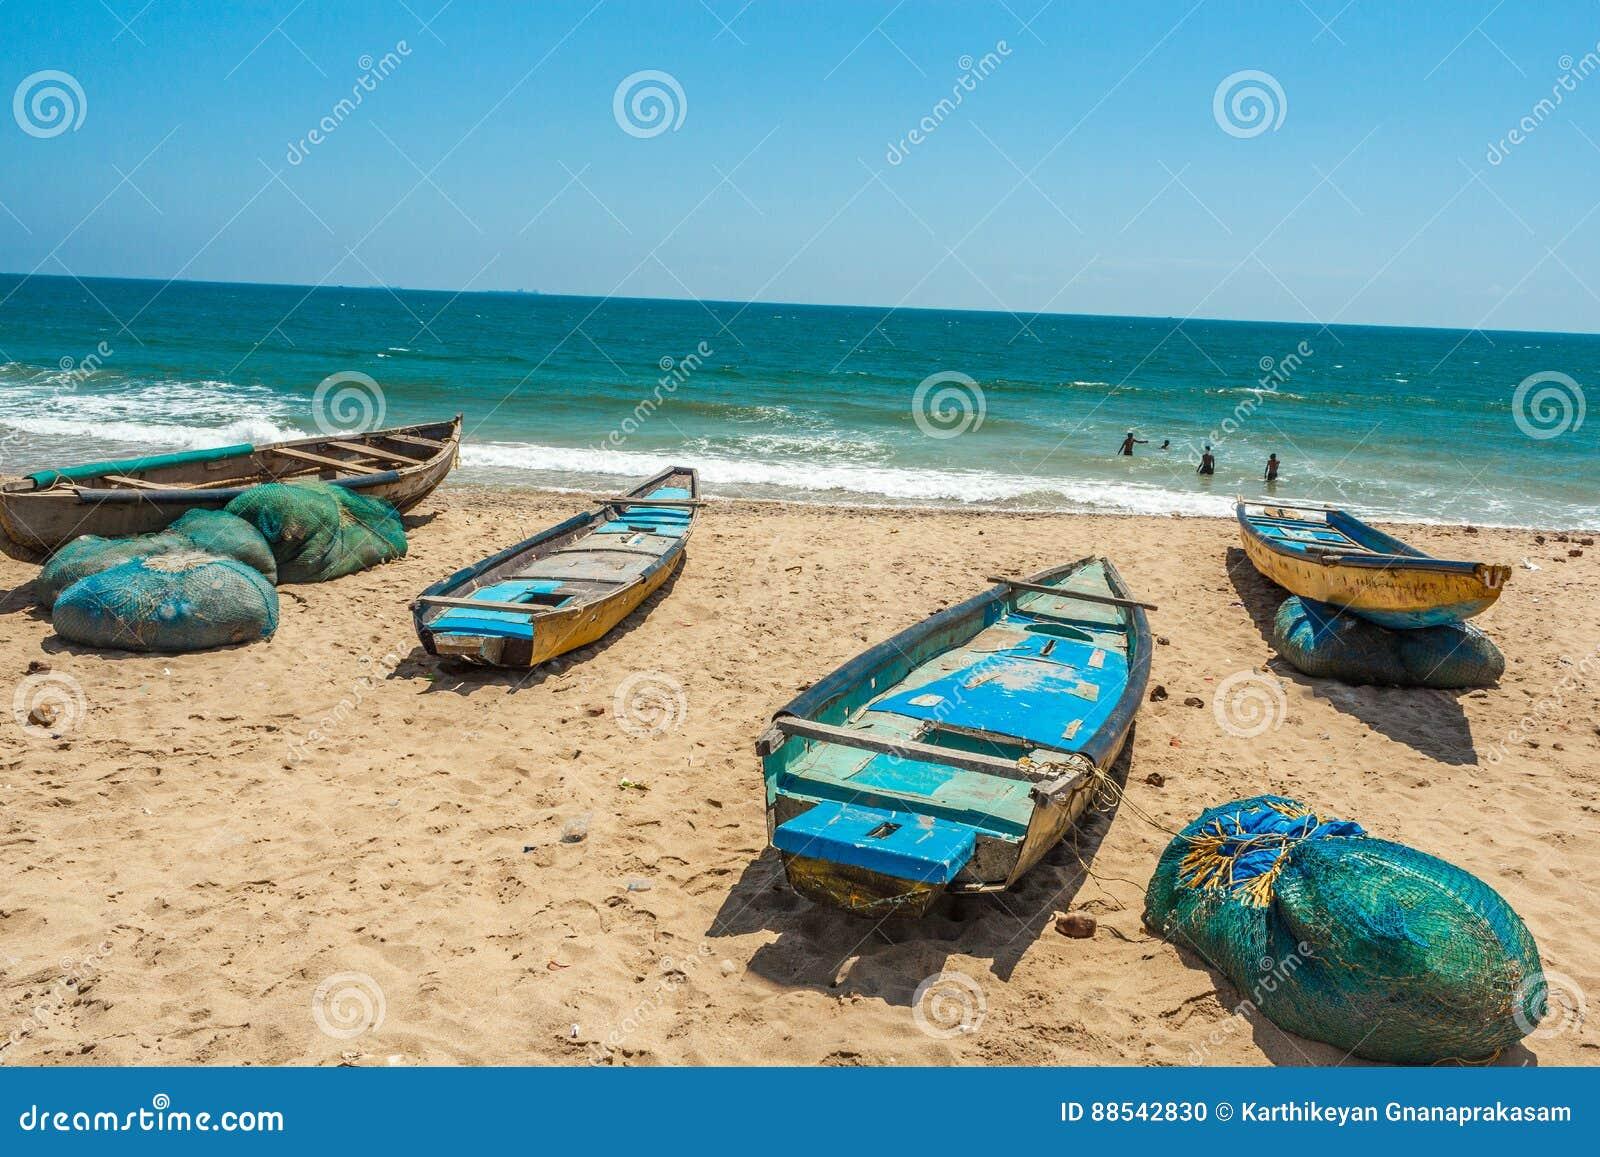 Ευρεία άποψη της ομάδας αλιευτικών σκαφών που σταθμεύουν στην ακτή με τους ανθρώπους στο υπόβαθρο, Visakhapatnam, Άντρα Πραντές,